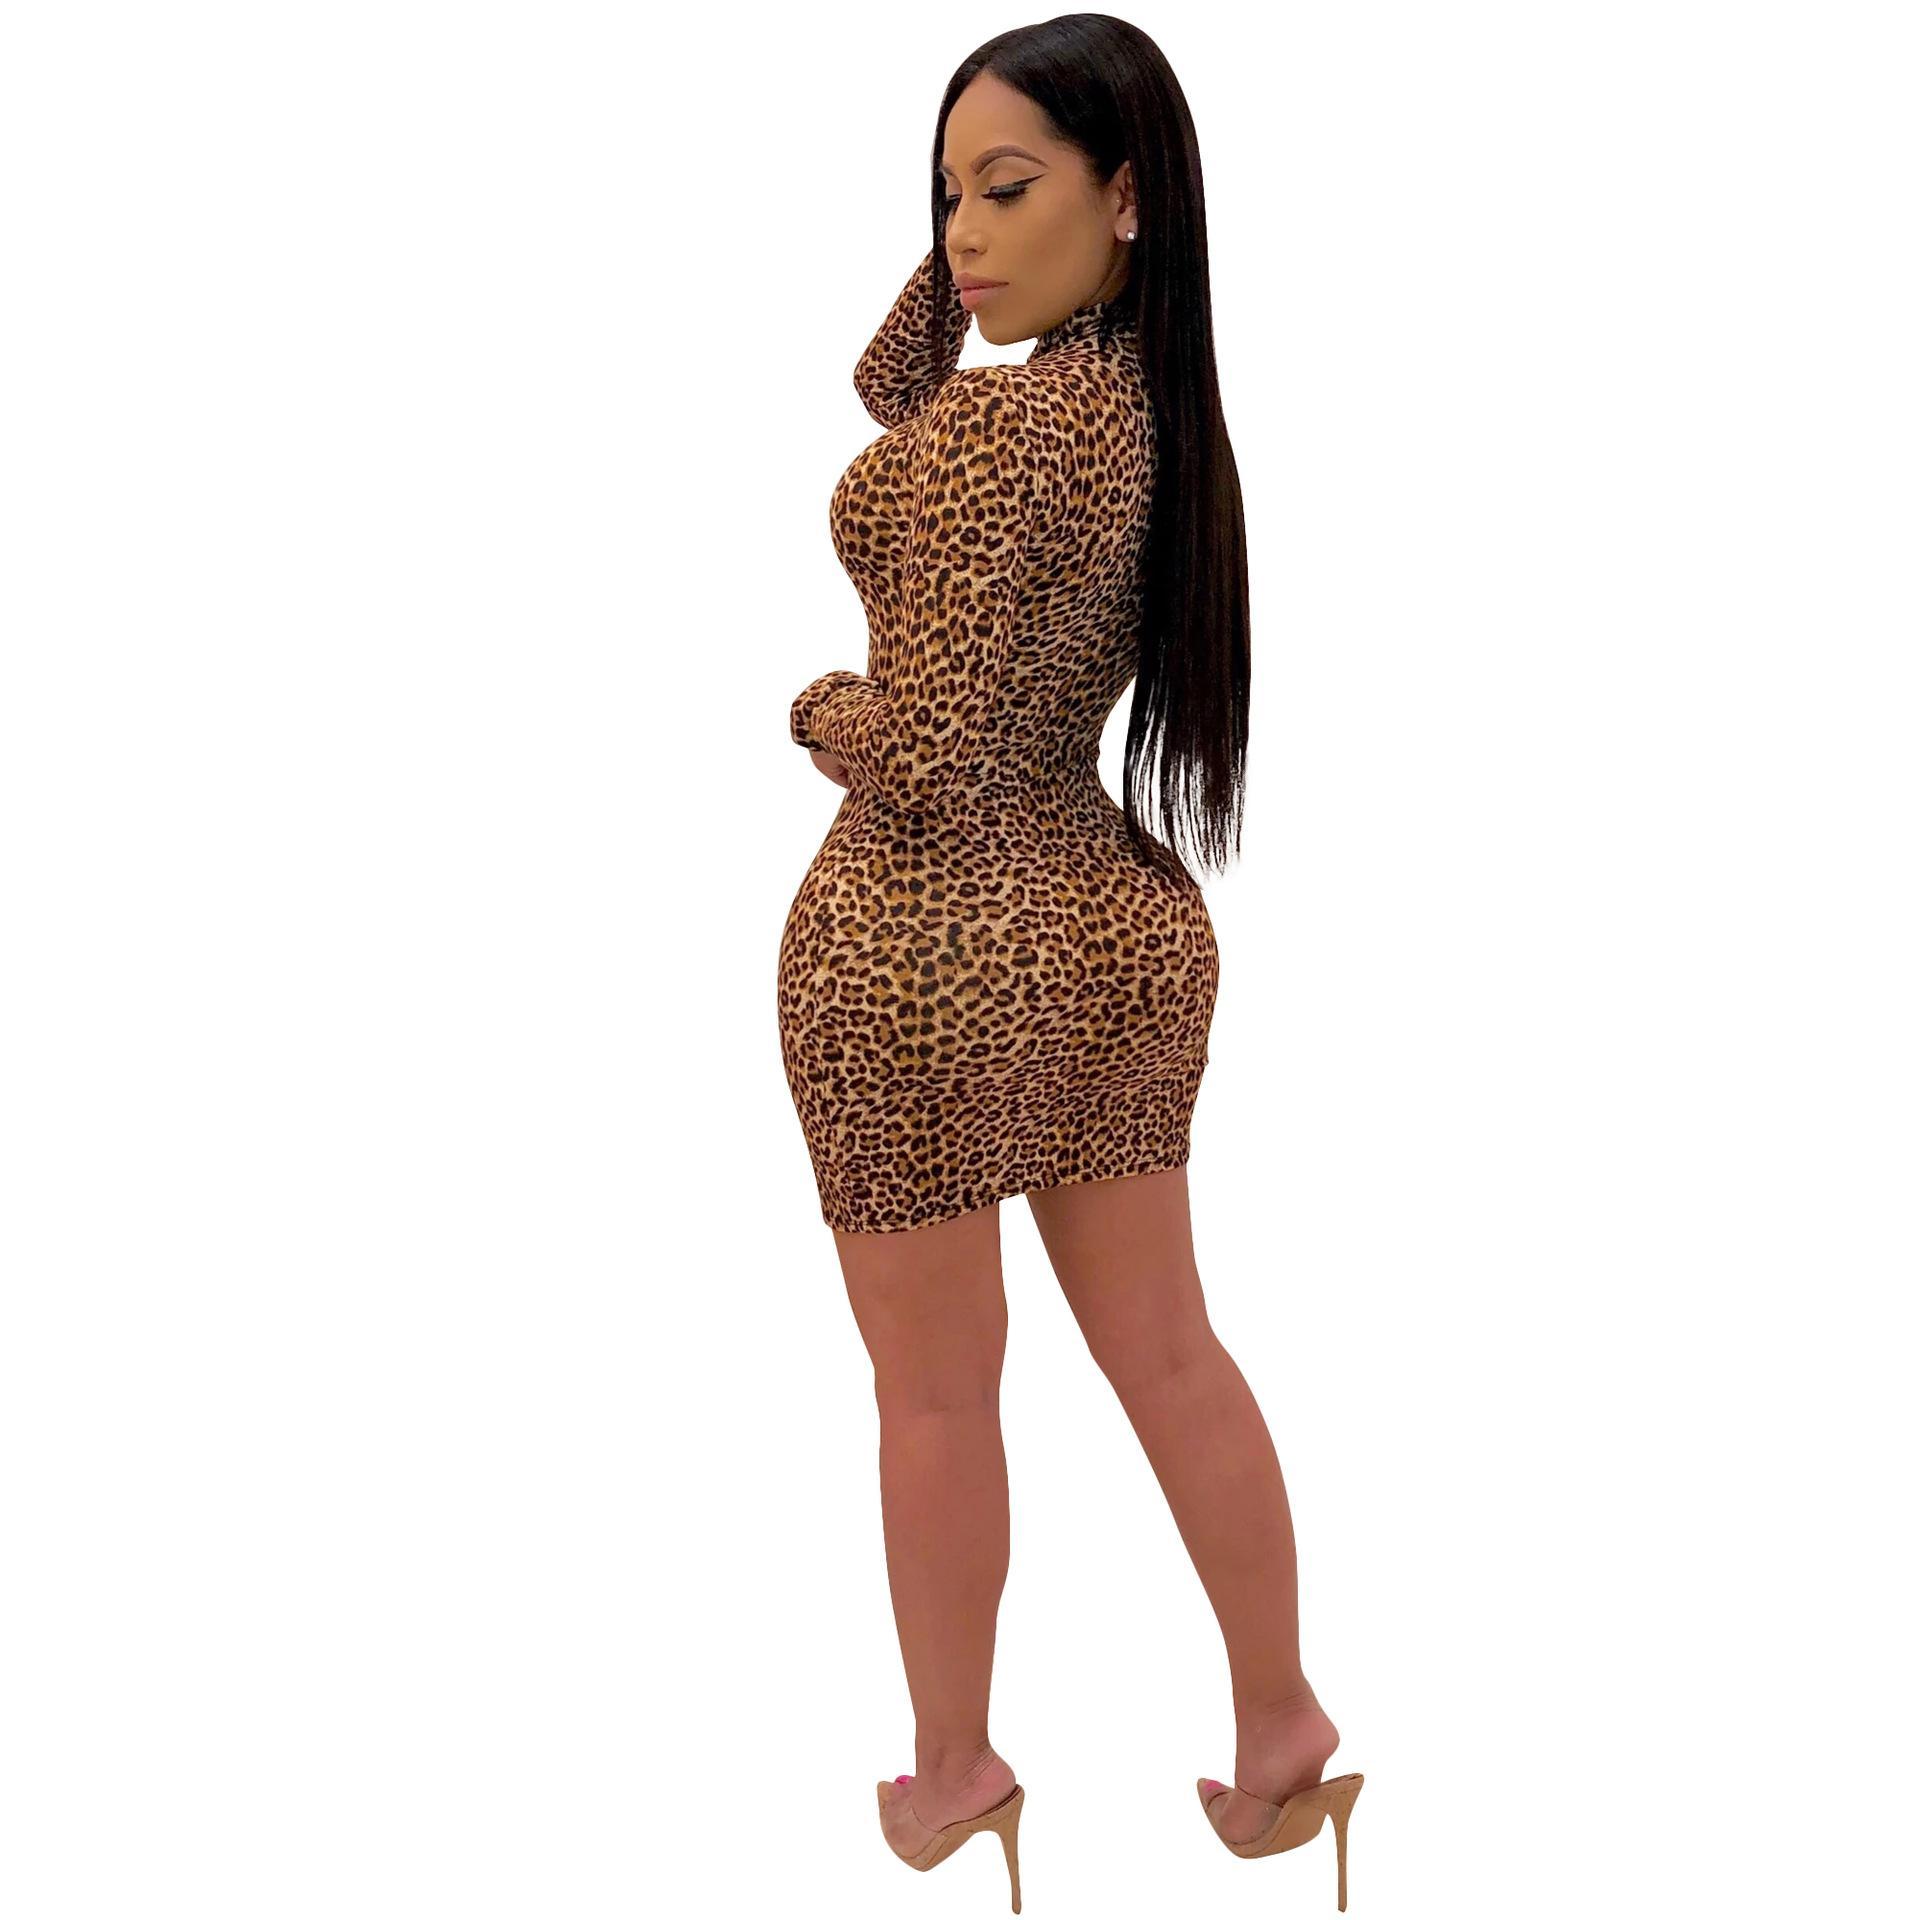 Boyun Bayan Elbise Uzun Kollu Skinny Üstü Diz Elbise Günlük Çoklu renk seçeneği Tasarımcı Giyim Standı leopard